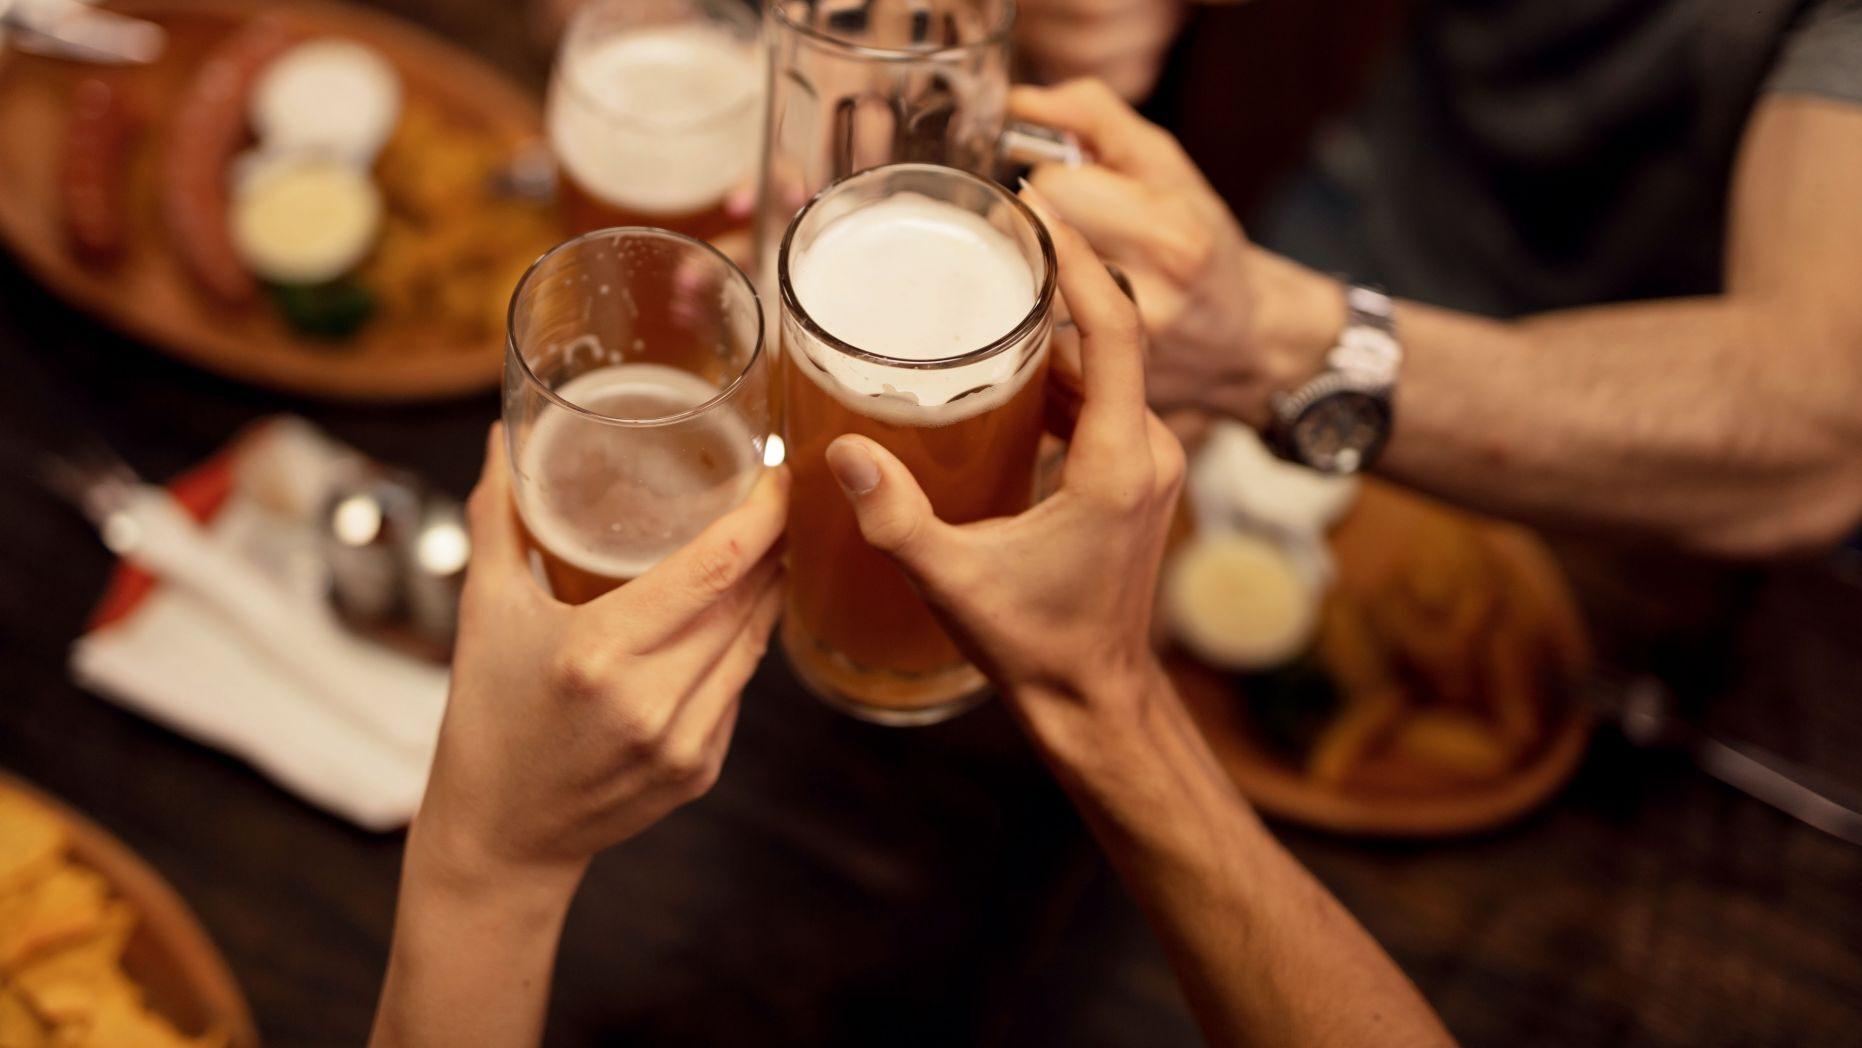 Это для дезинфекции: насколько вреден алкоголь во время пандемии?